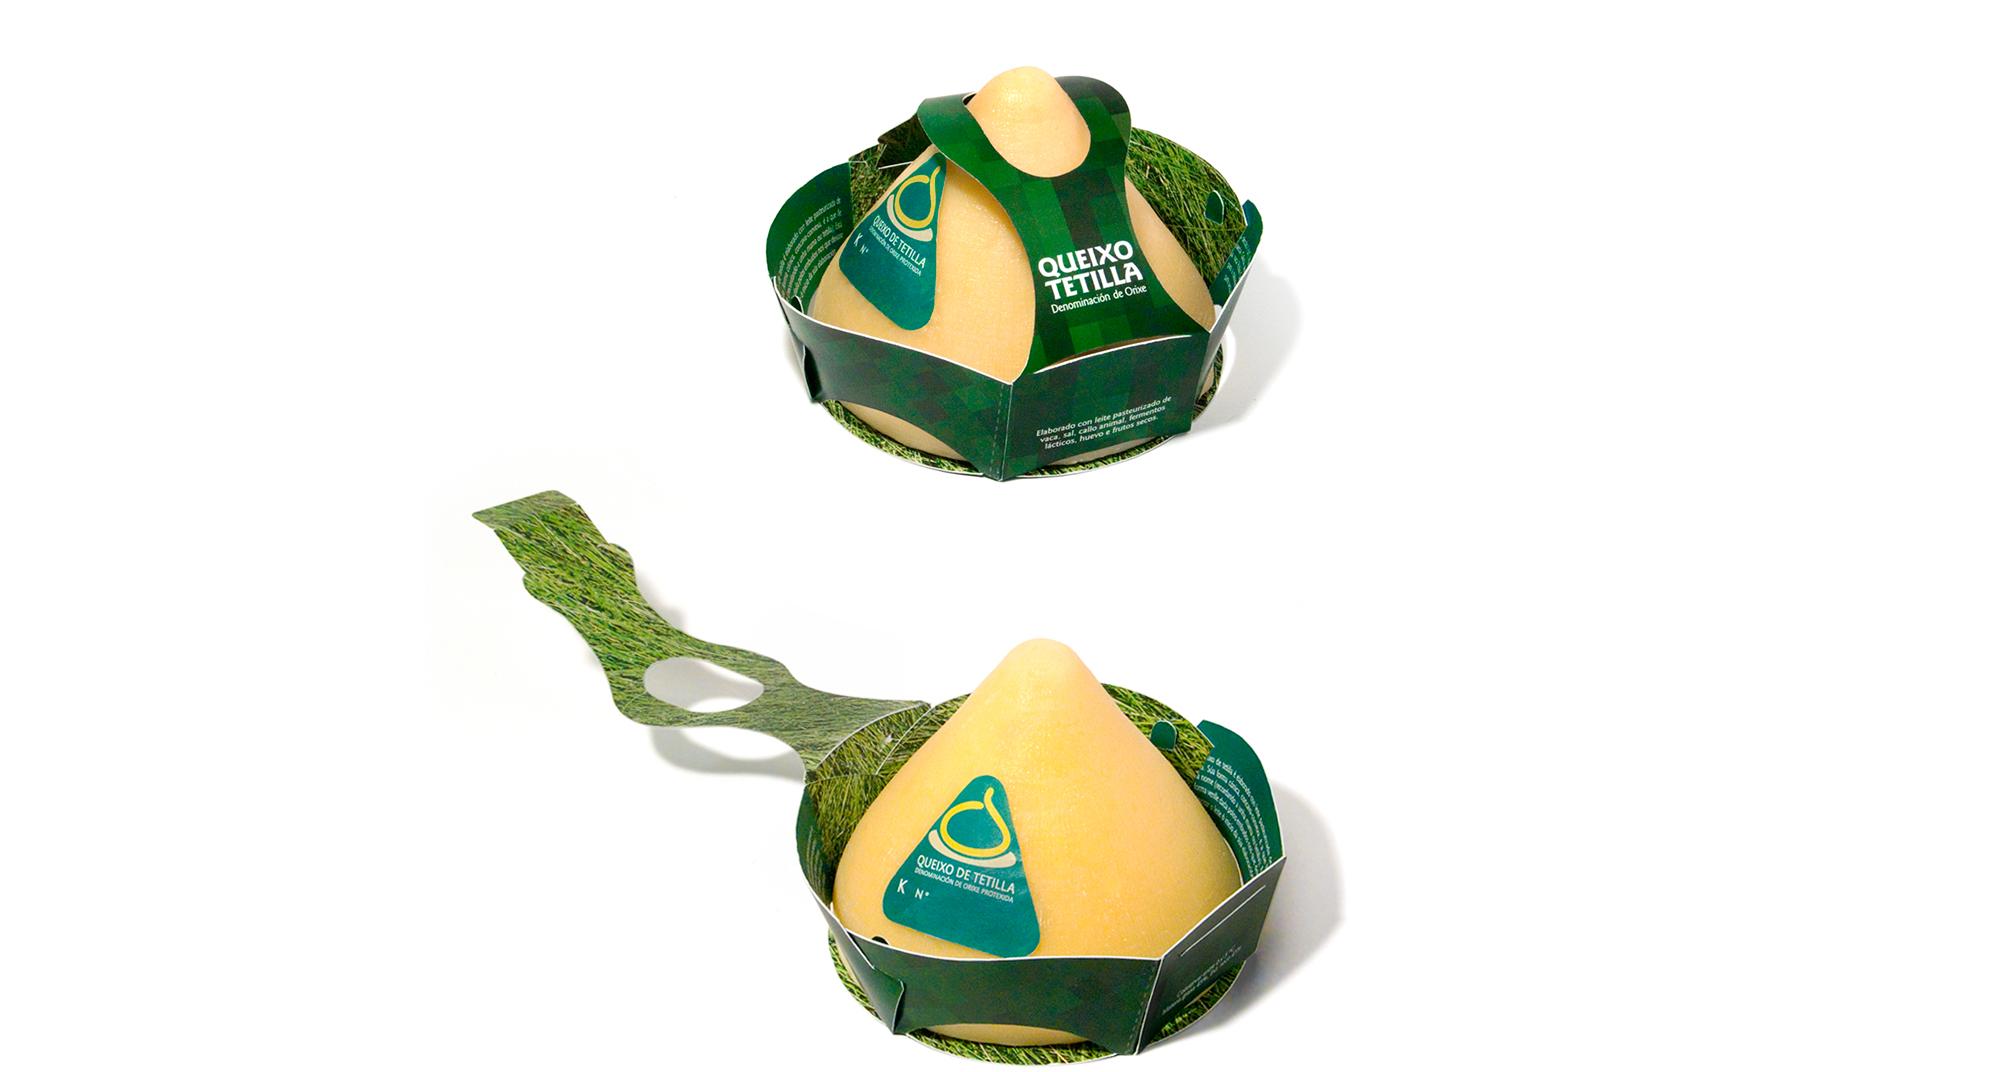 Packaging para el Queso de tetilla, un queso típico de Galicia